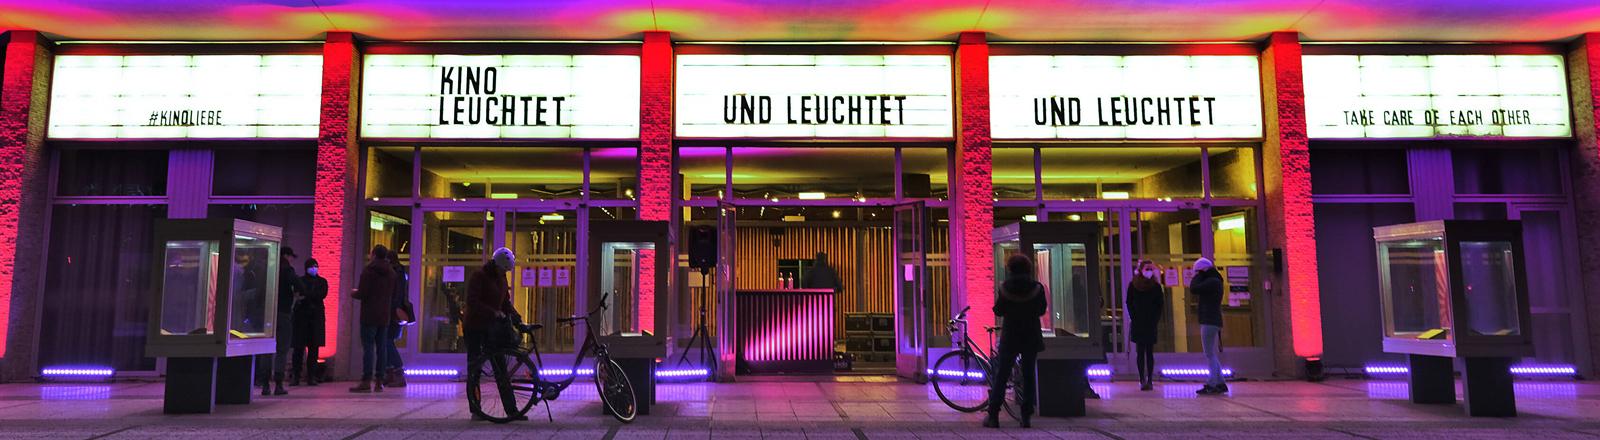 Das Berliner Kino International am Vorabend der Berlinale 28.02.2021.